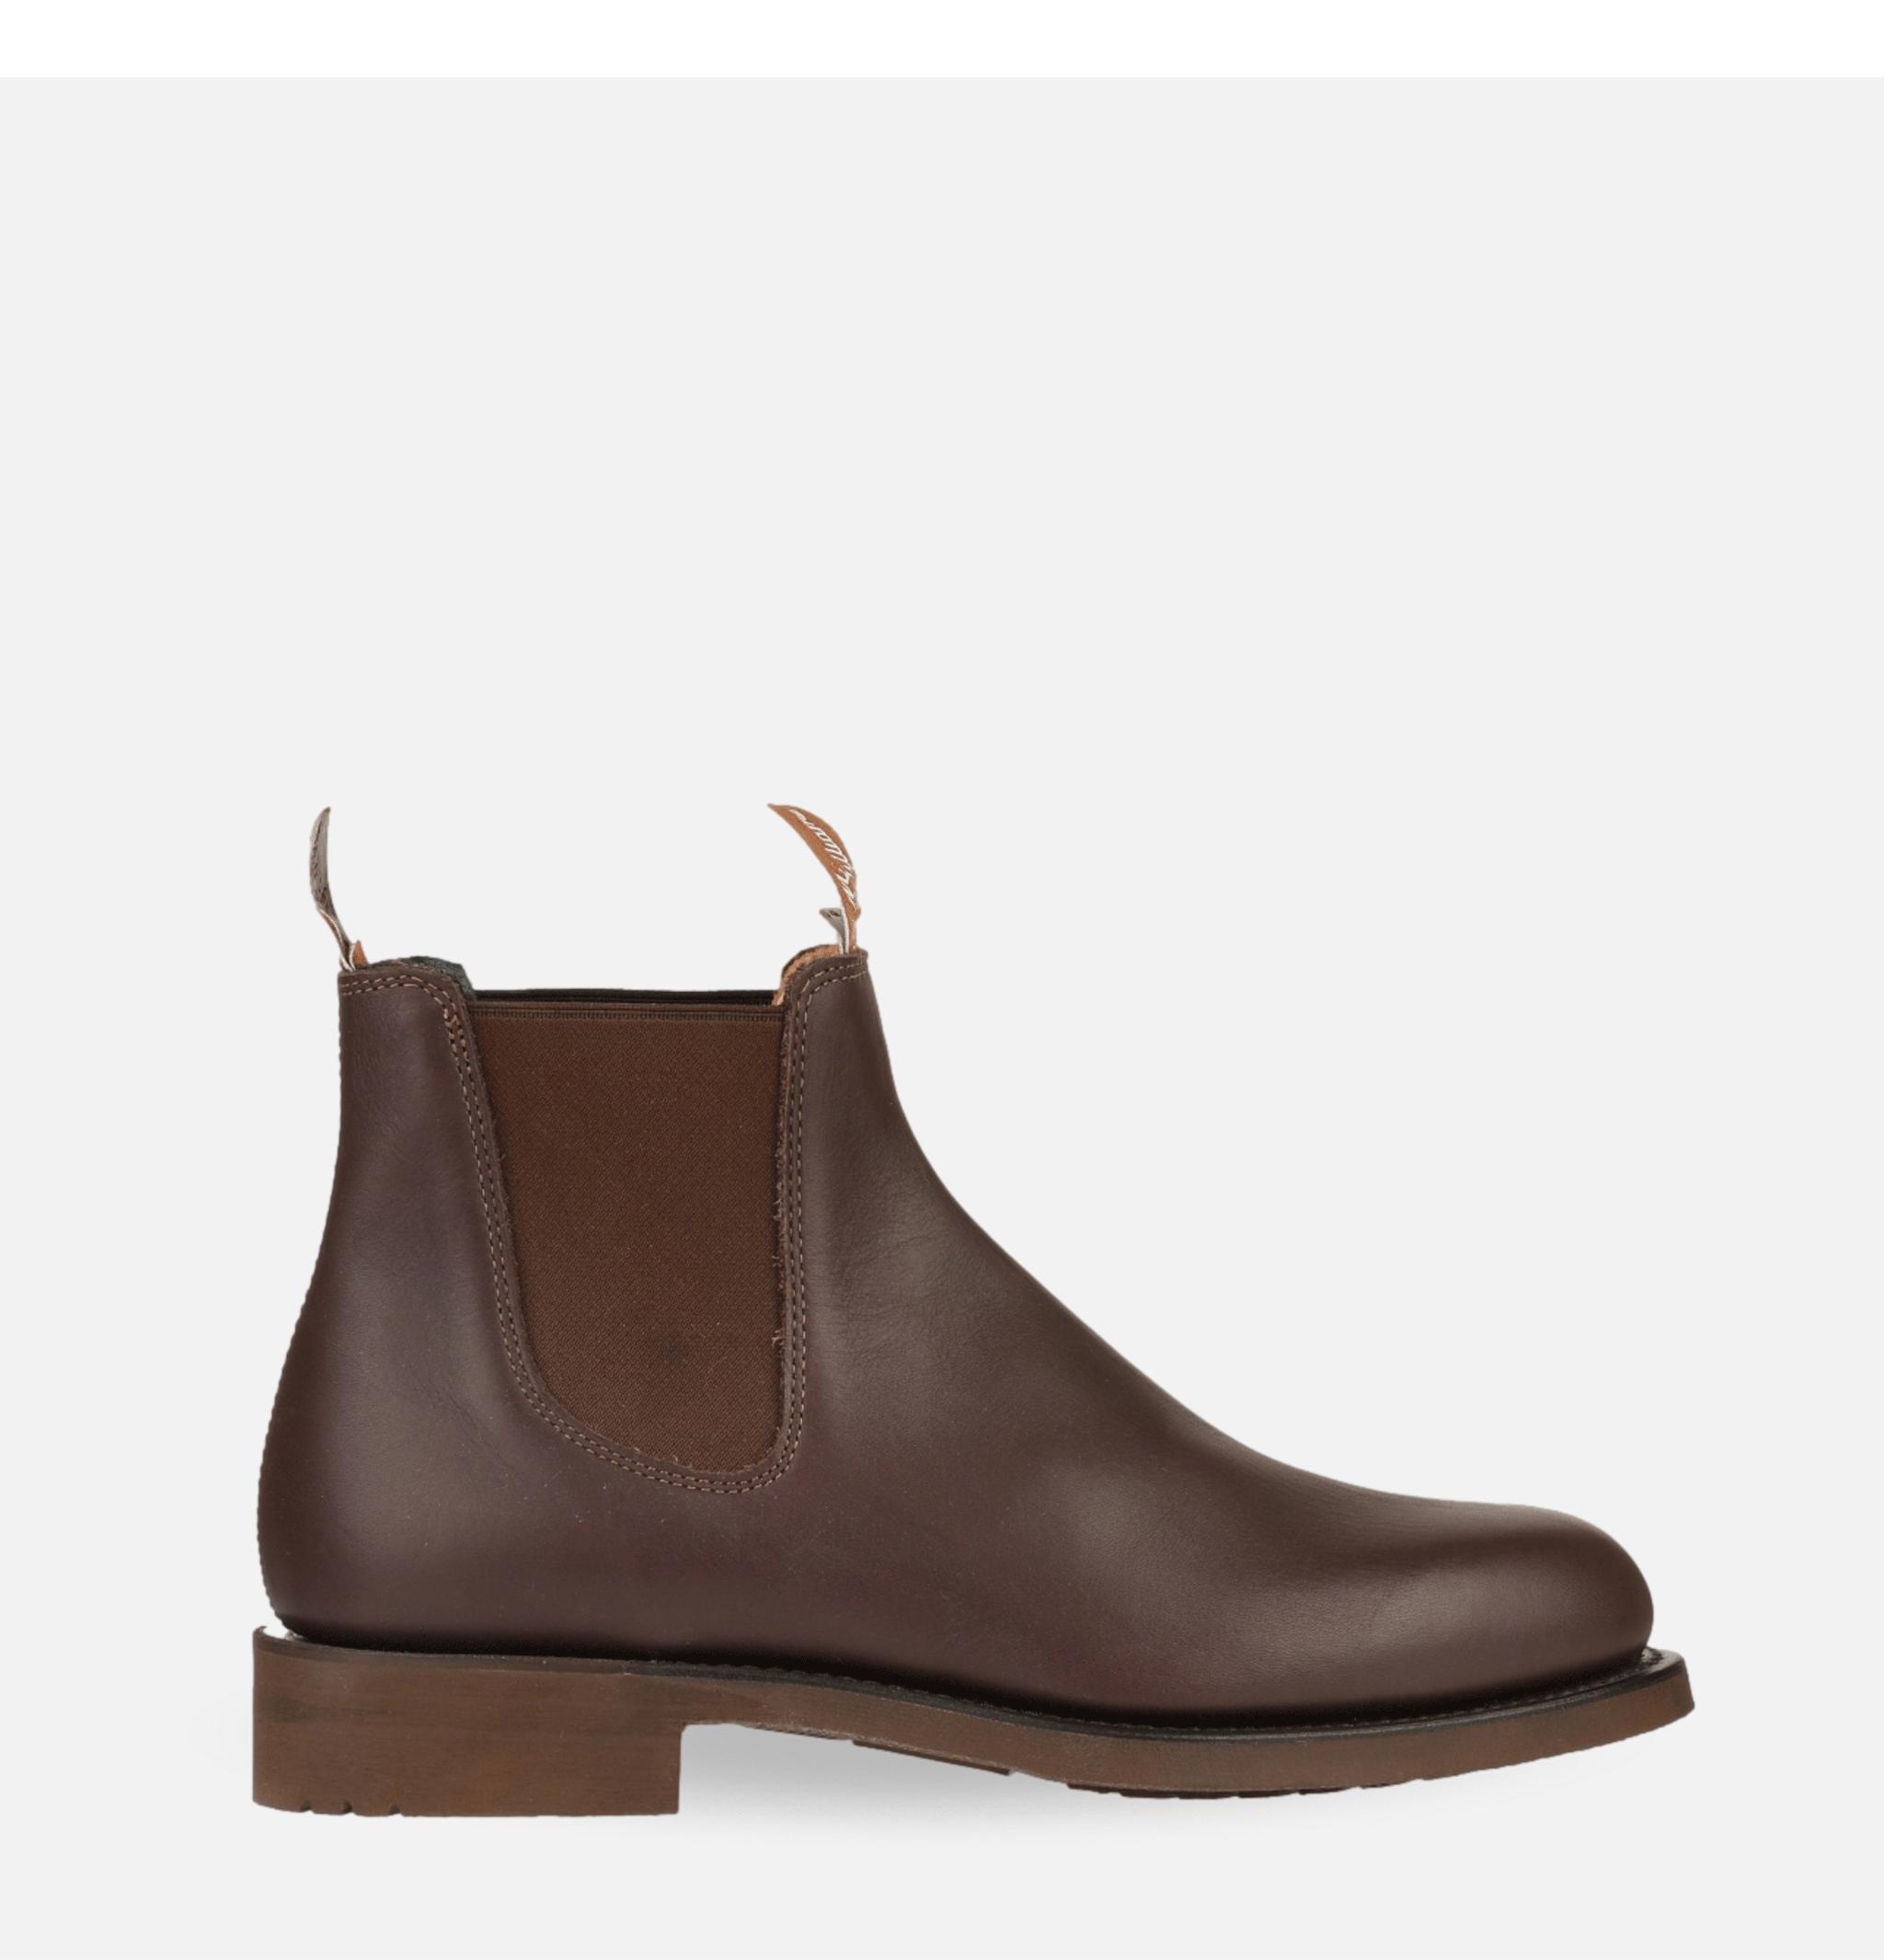 Gardener Boots Brown